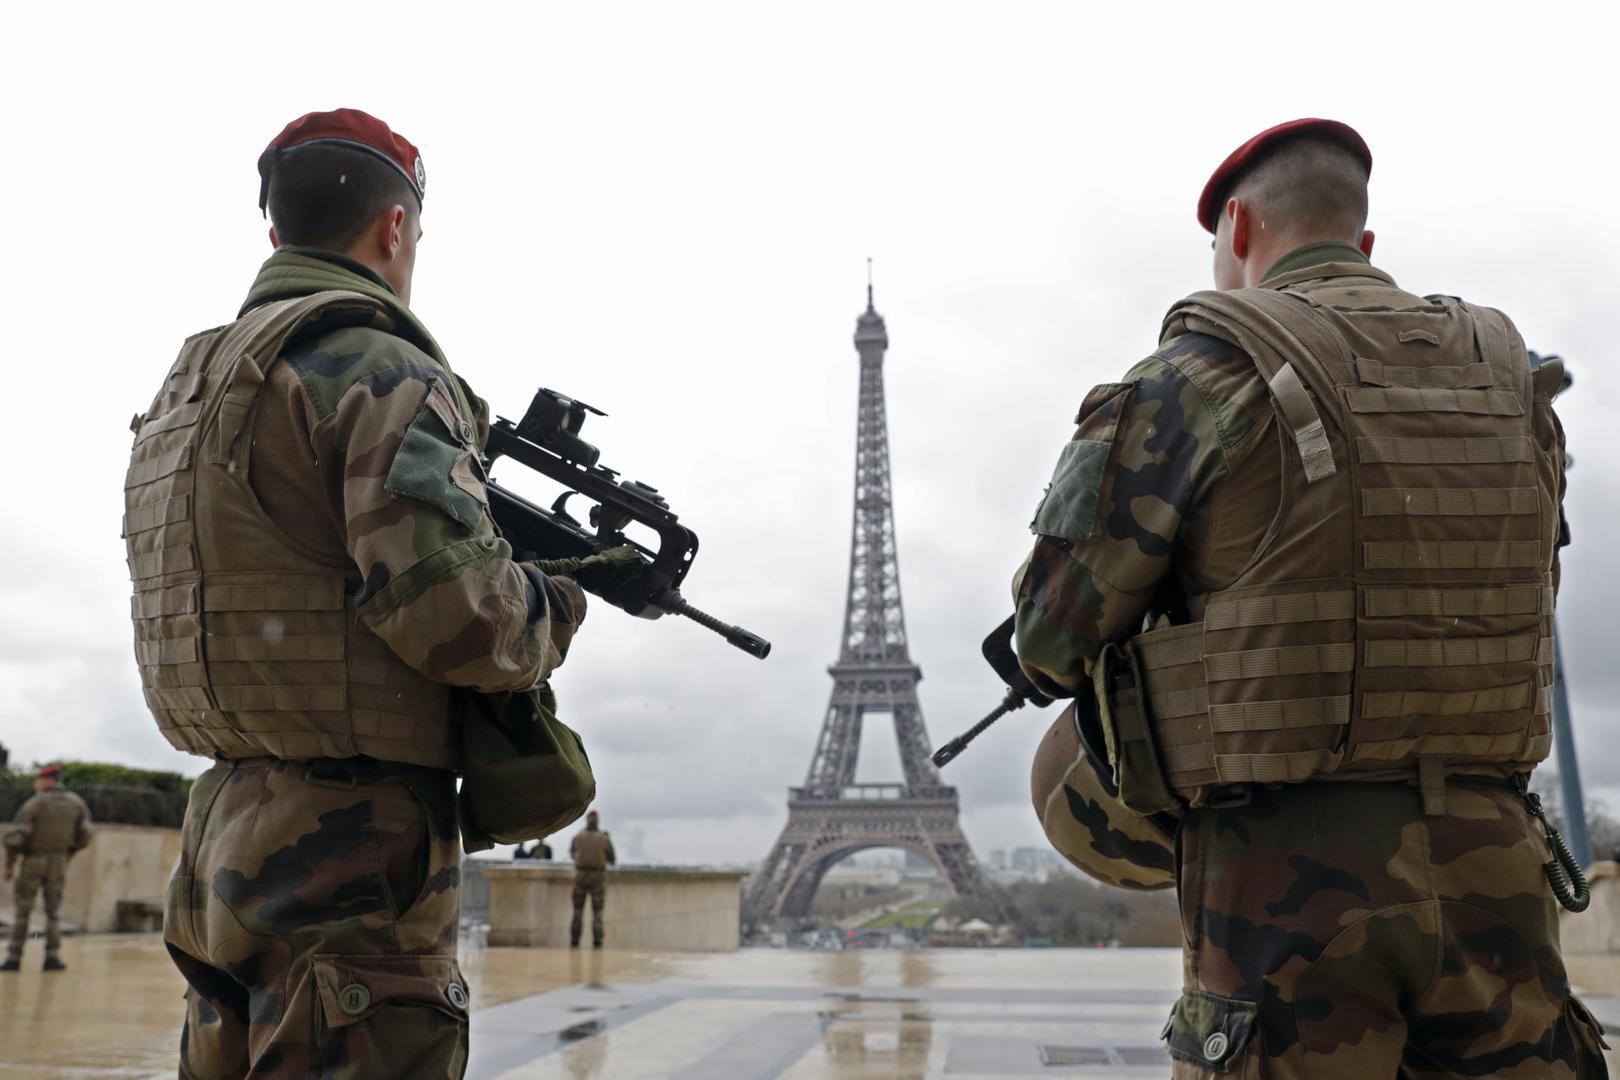 Patrouille de militaires français près de la Tour Eiffel à Paris, France, le 30 mars 2016.